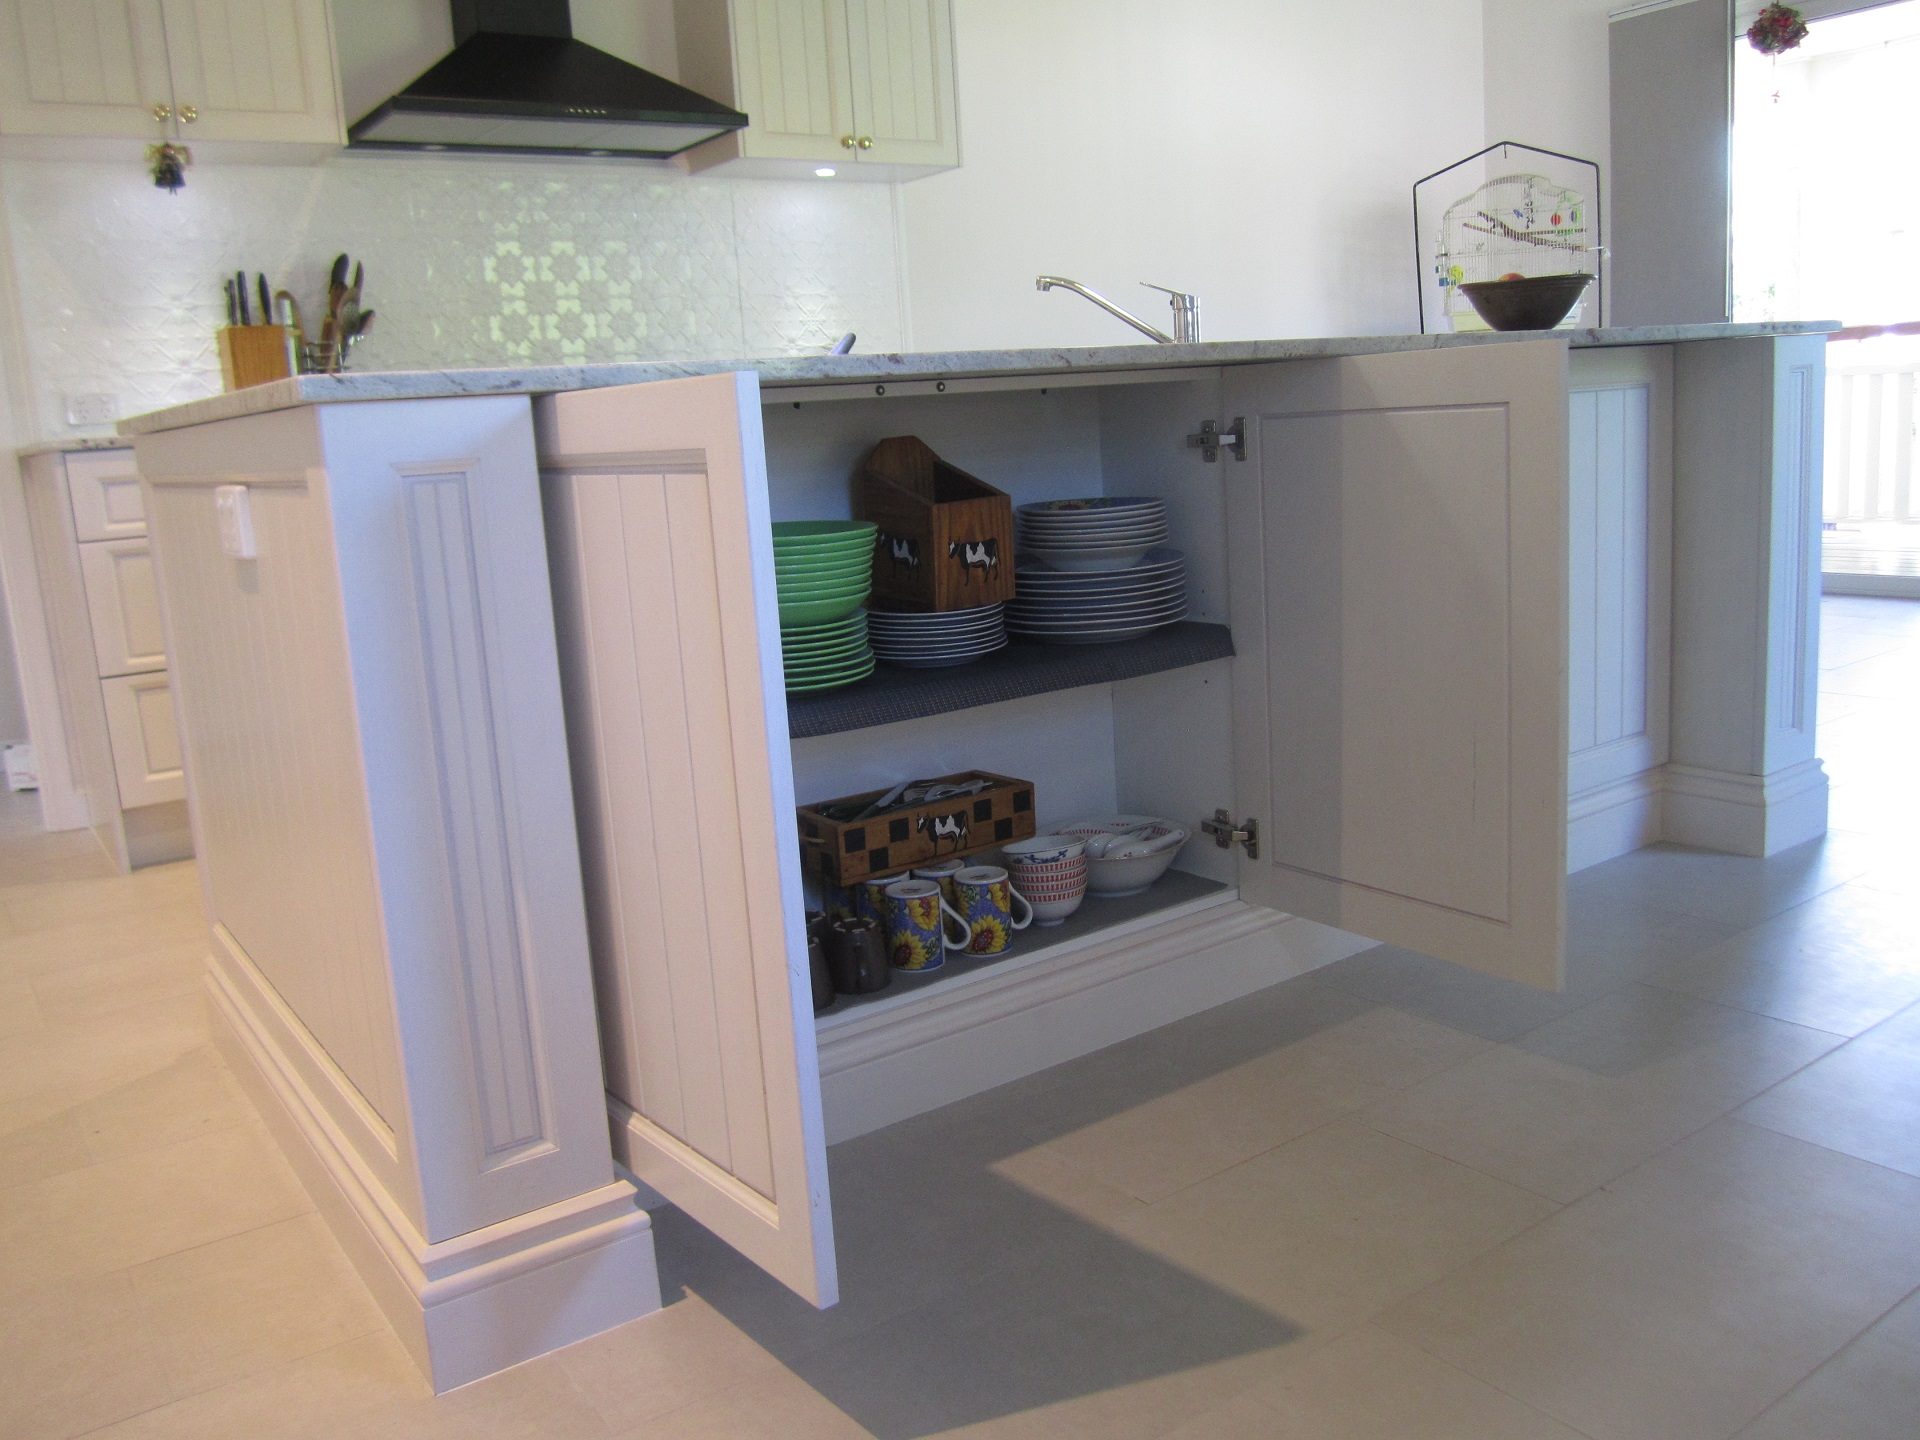 brisbane-kitchen-design-brookfield-shaker-vj-traditional-kitchen-island-secret-storage-8